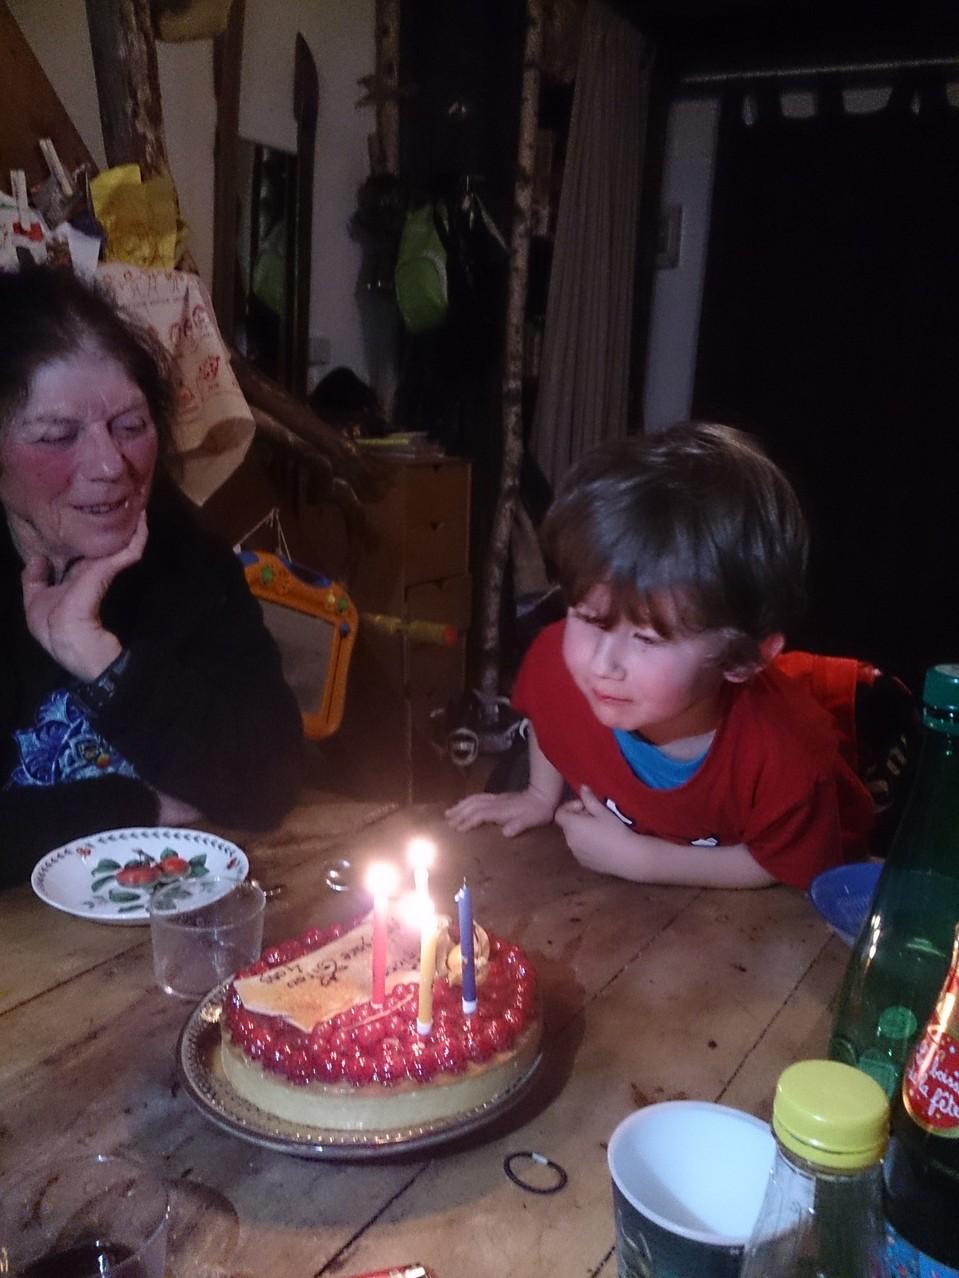 ça y est - 4 ans et on souffle les bougies ...